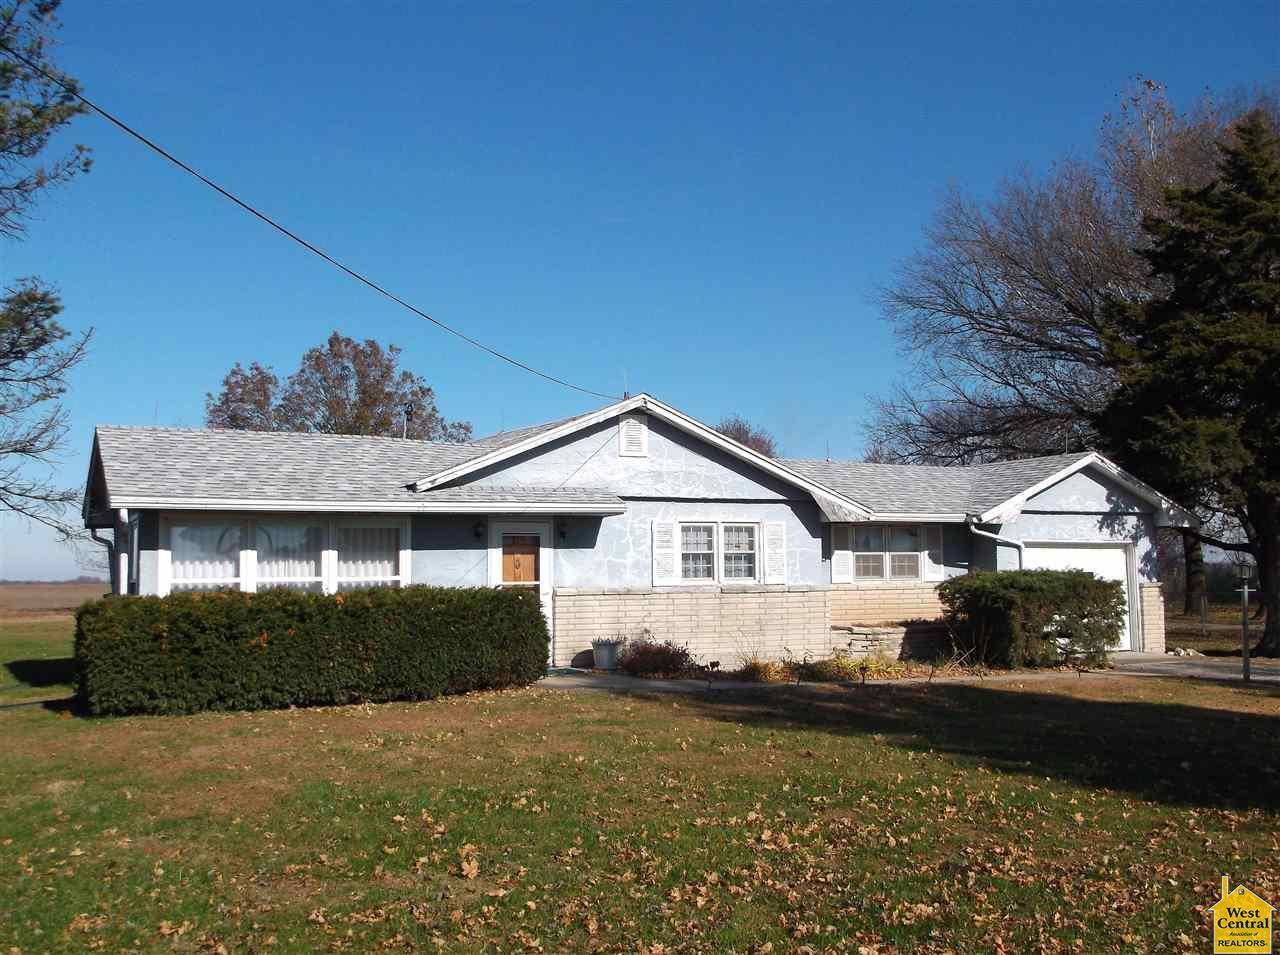 6885 E Highway 50, Sedalia, MO.| MLS# 81012 | TheLandTour.com | 660 ...